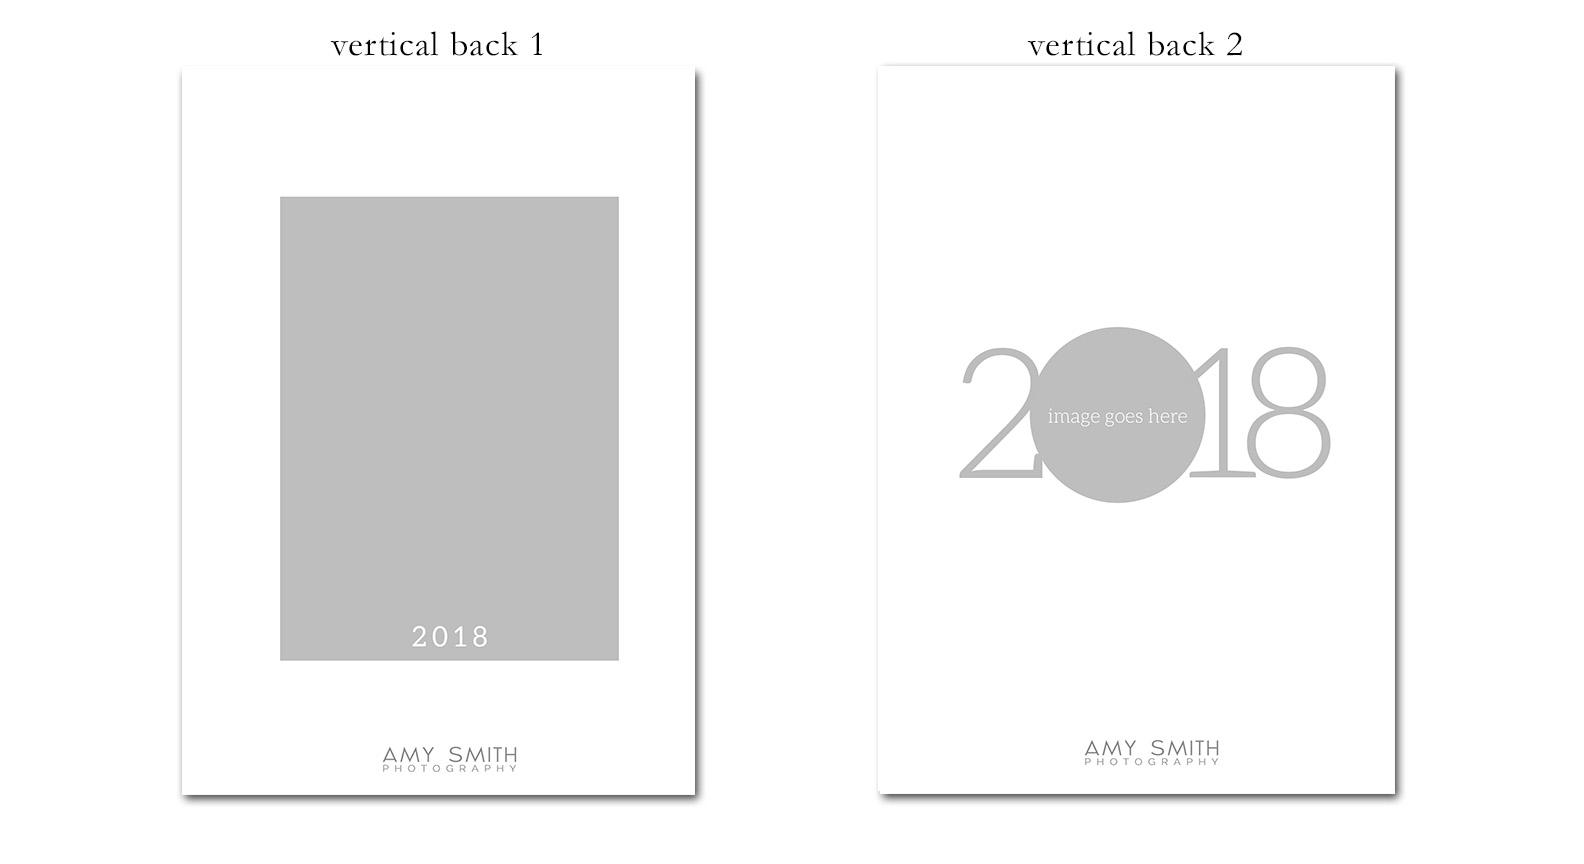 verticalback12.jpg